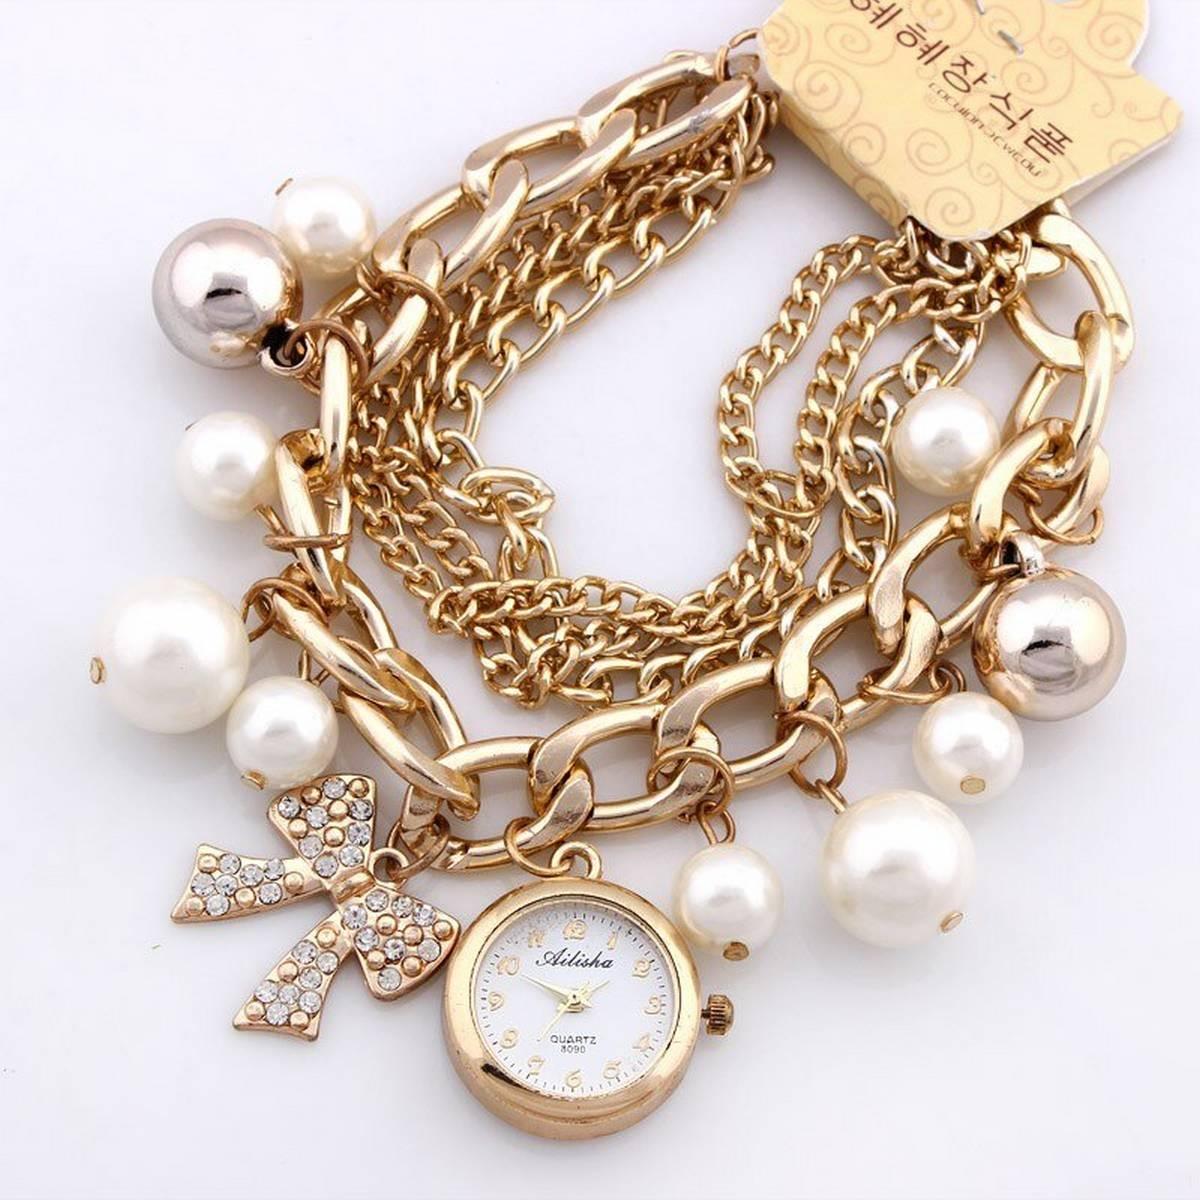 Golden Watch Pearls Bracelet and Ladies Watches For Girls, Watches for Women & Golden Watch Pearl Bracelet for Ladies | Golden Chain Watches for Girls -  Trustie store